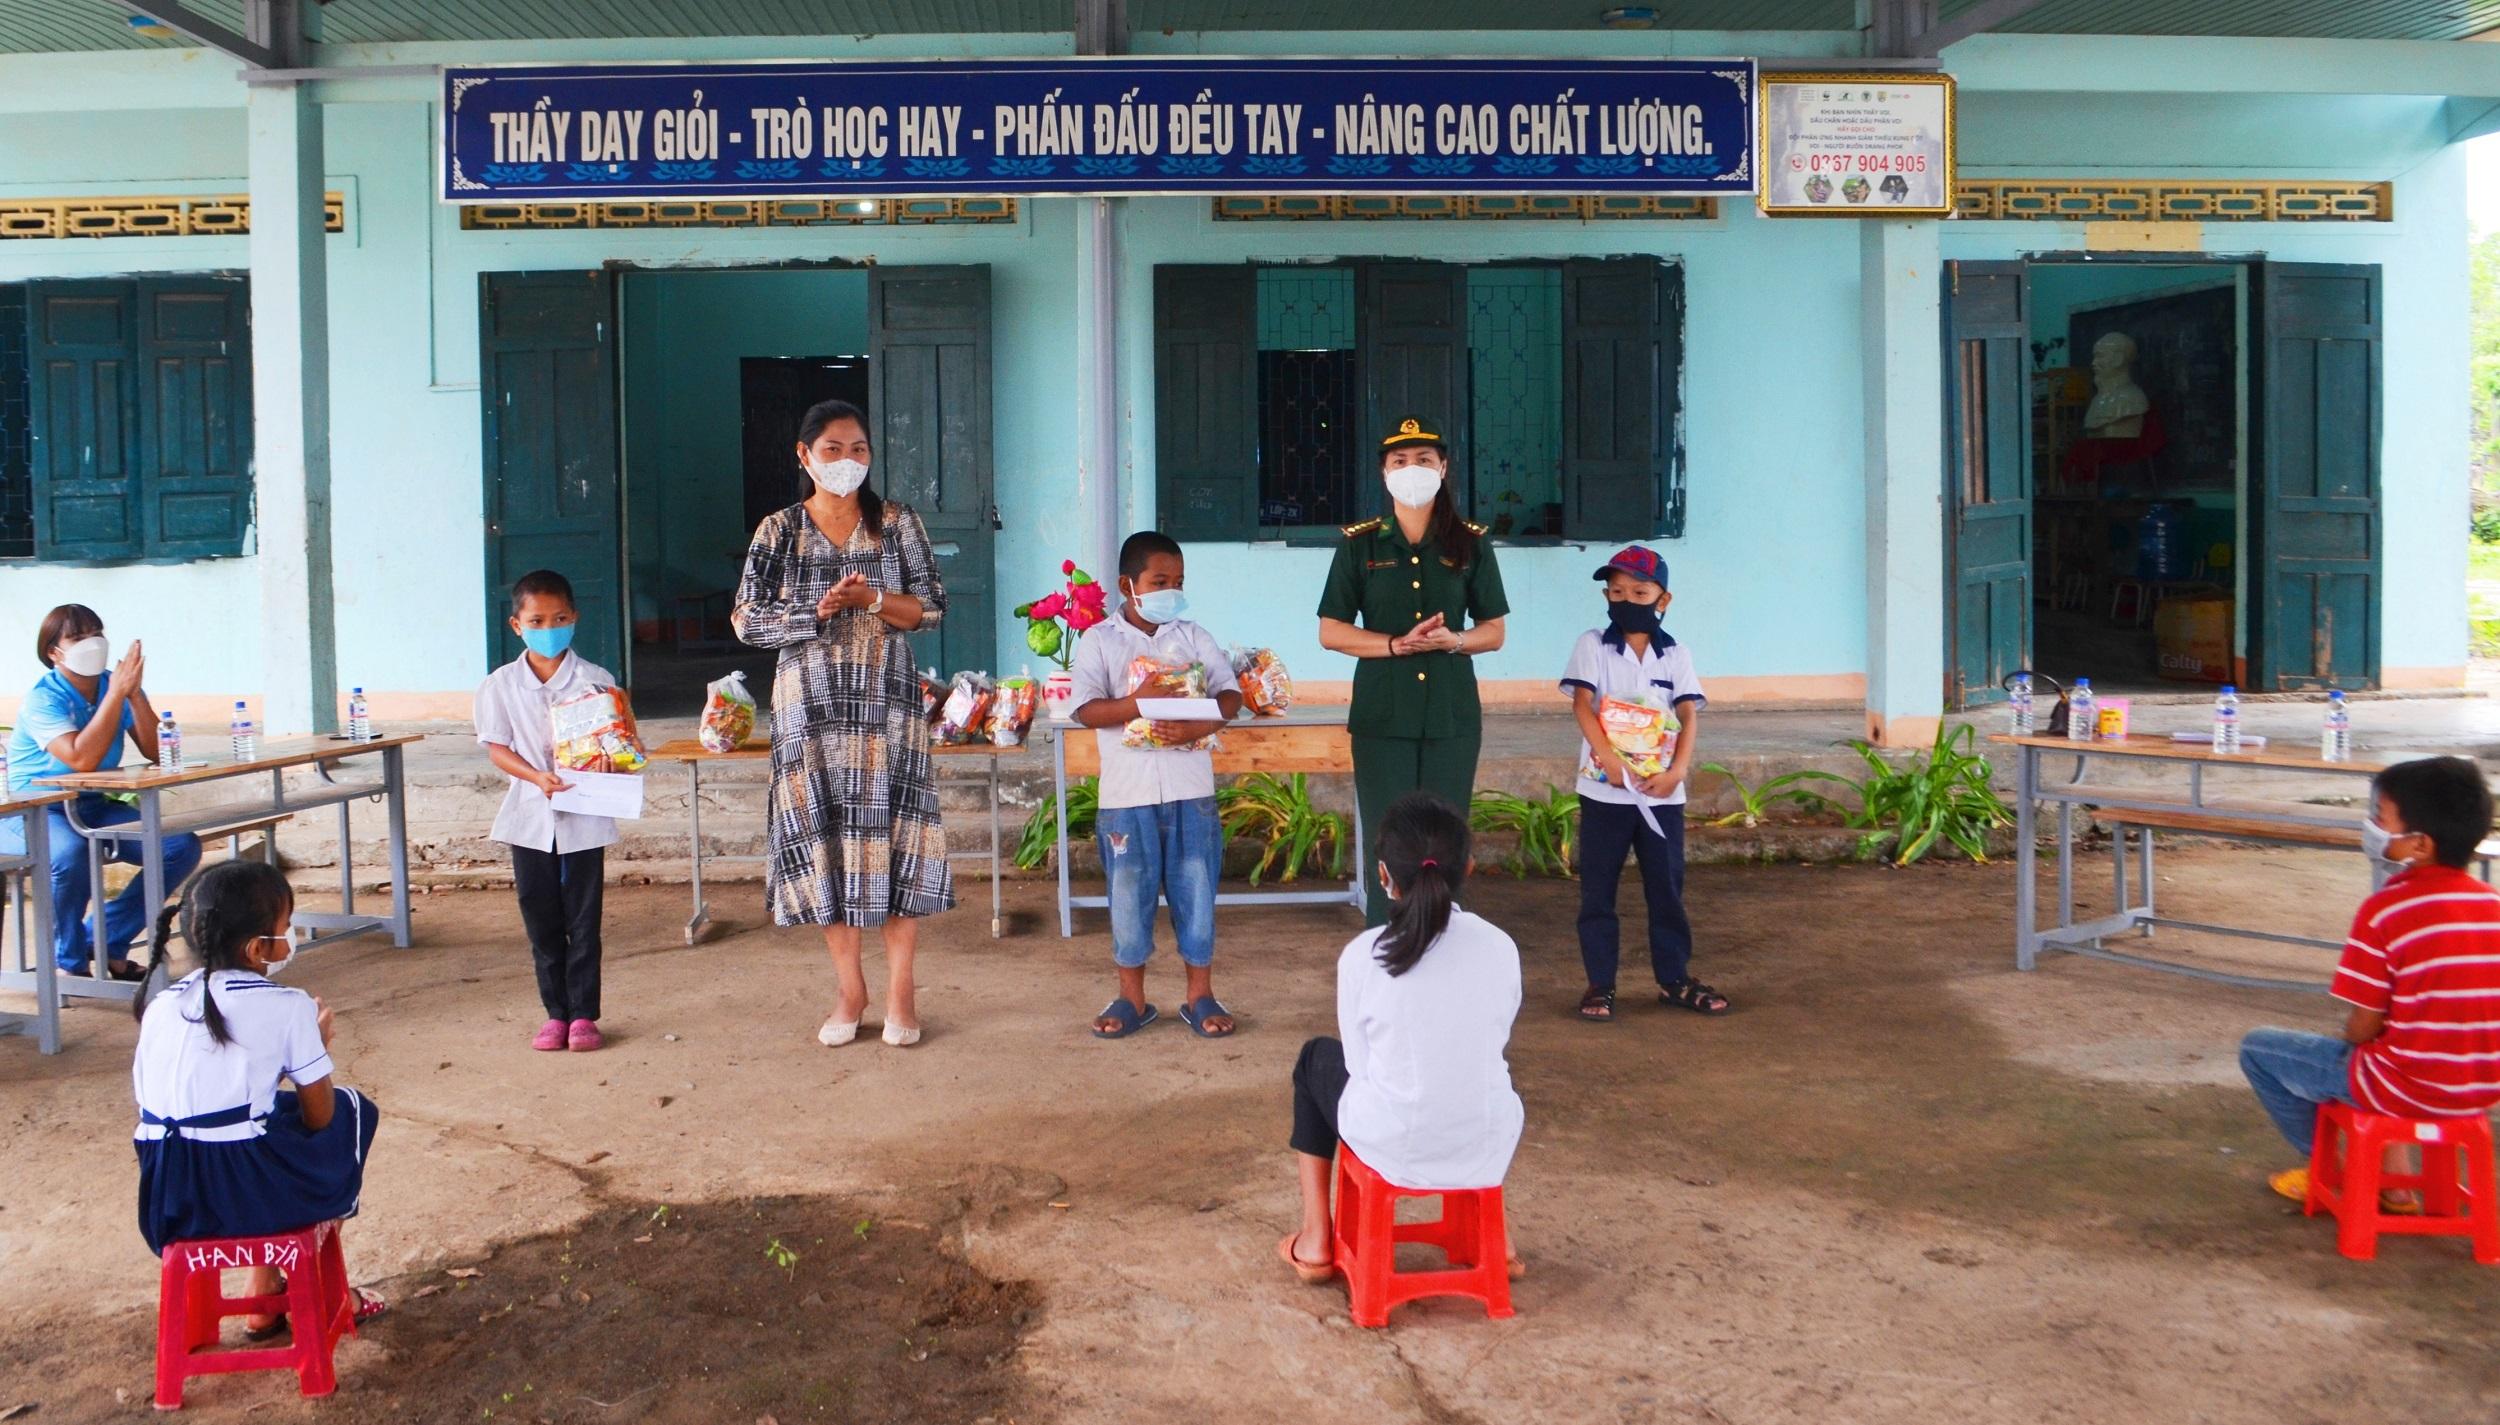 Trung thu cho trẻ em vùng biên Đắk Lắk